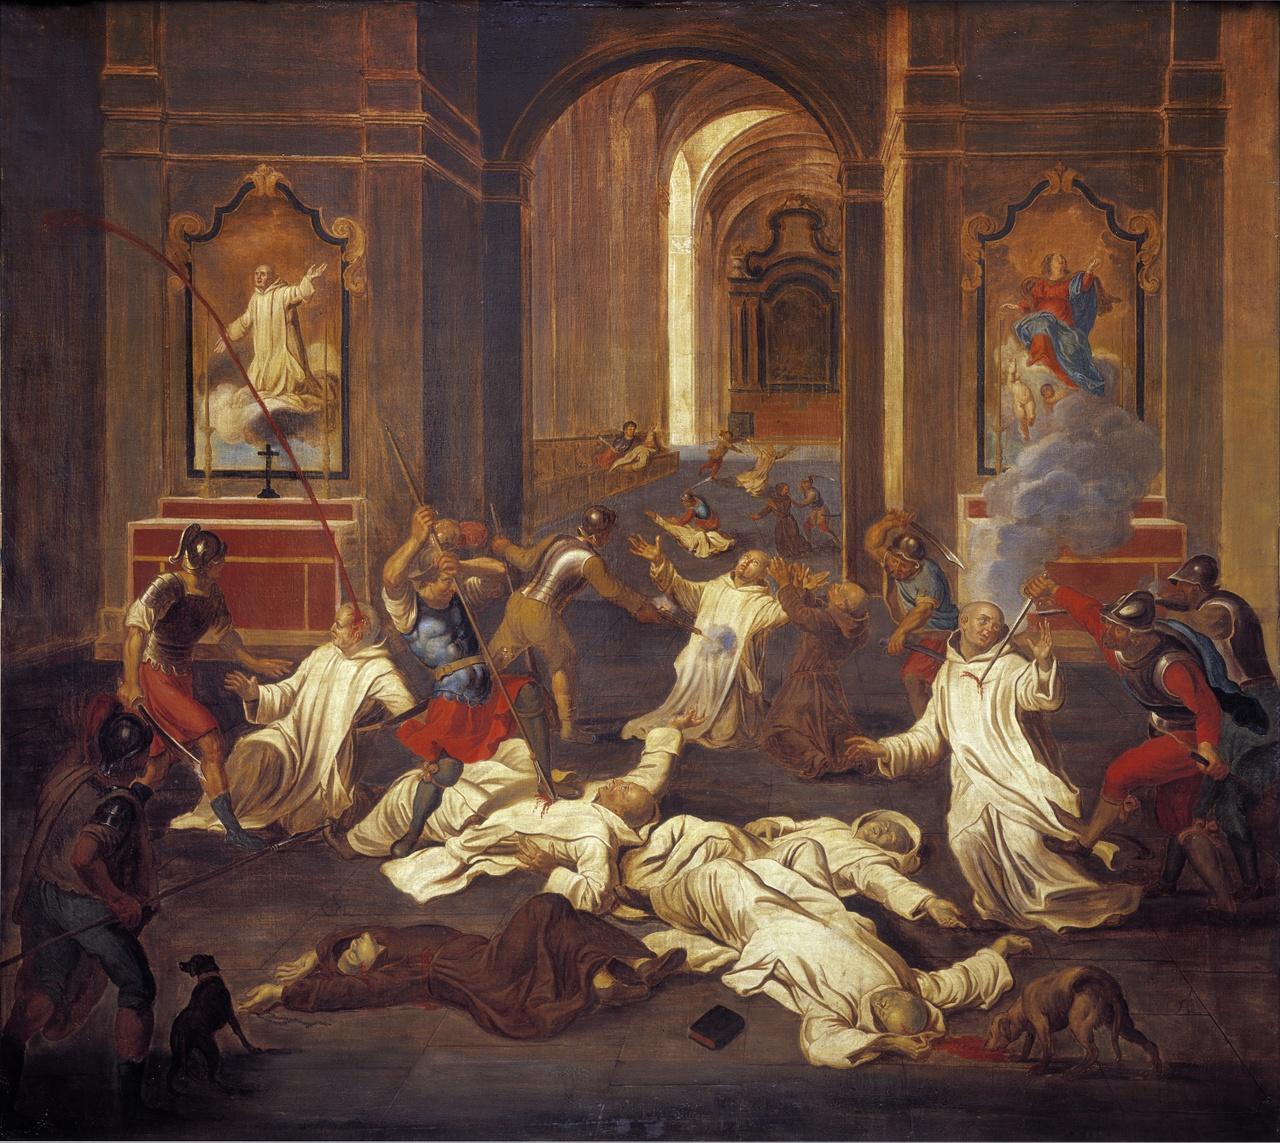 Schilderij van de Roermondse kartuizermoord